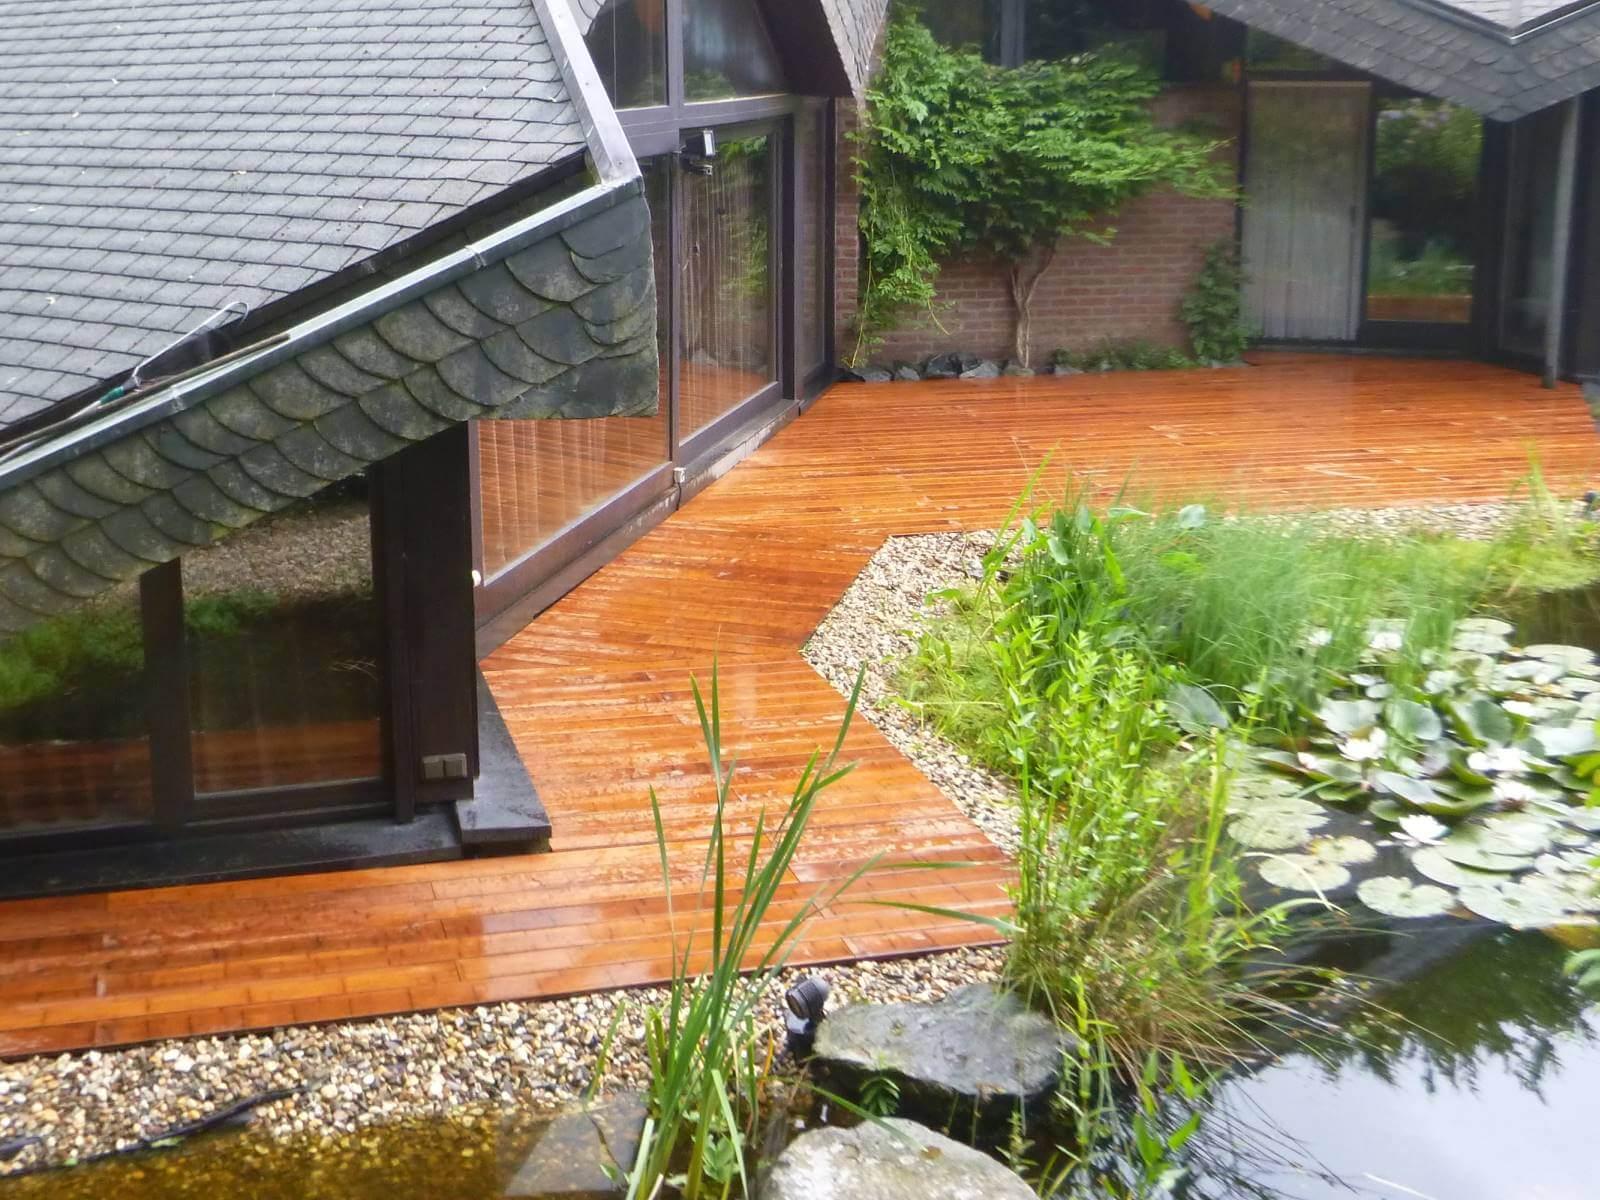 Superb Kuhle Startseite Dekoration Designe Bambus Aus Garten Entfernen #10: Terrasse Aus Bambus Galabau M Hler Terrassendielen Baumbus